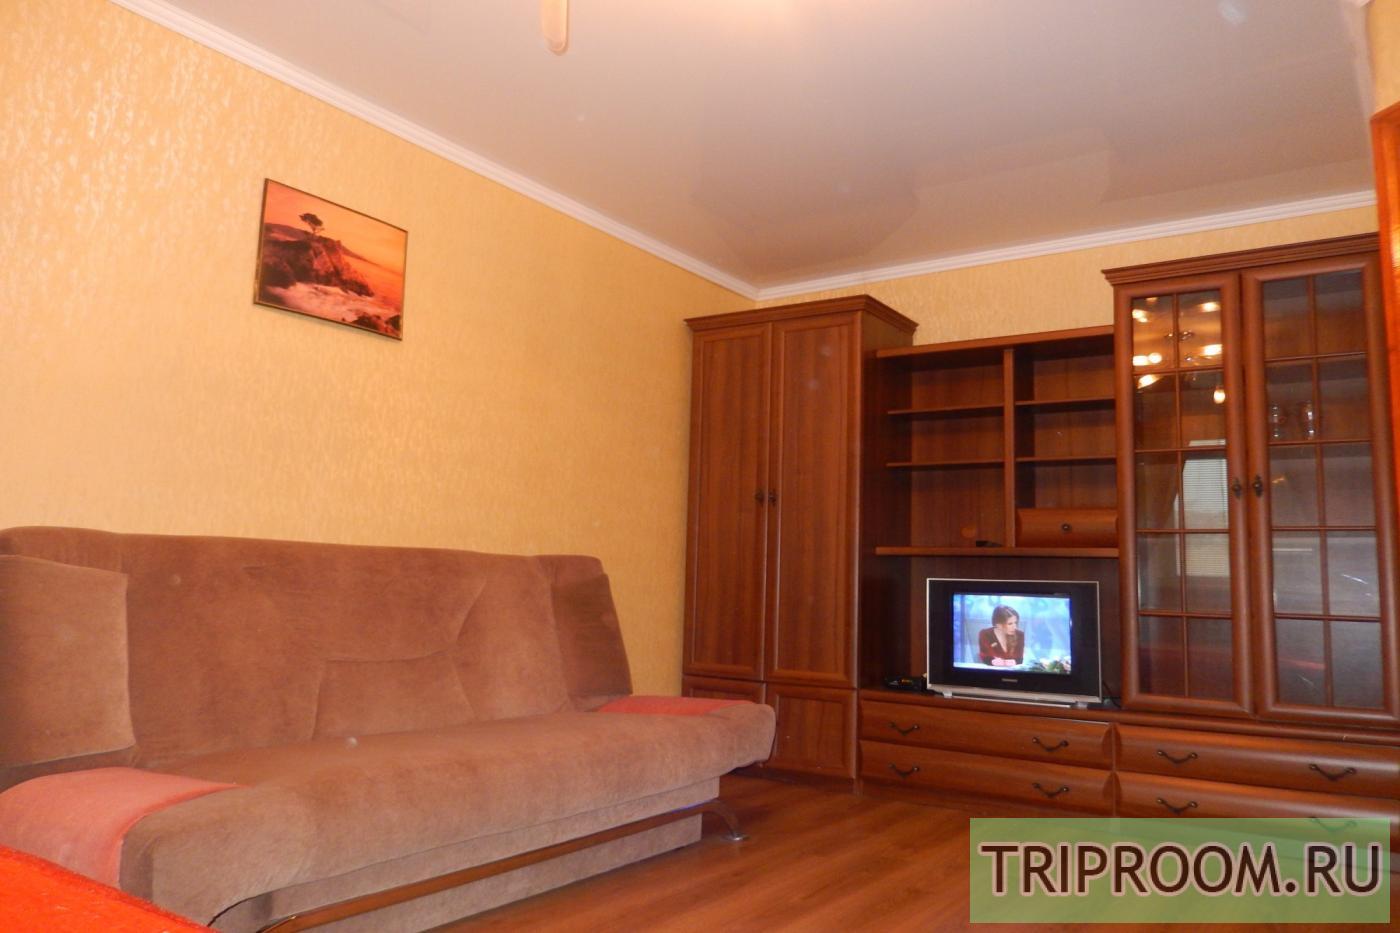 1-комнатная квартира посуточно (вариант № 18630), ул. Гоголя улица, фото № 6